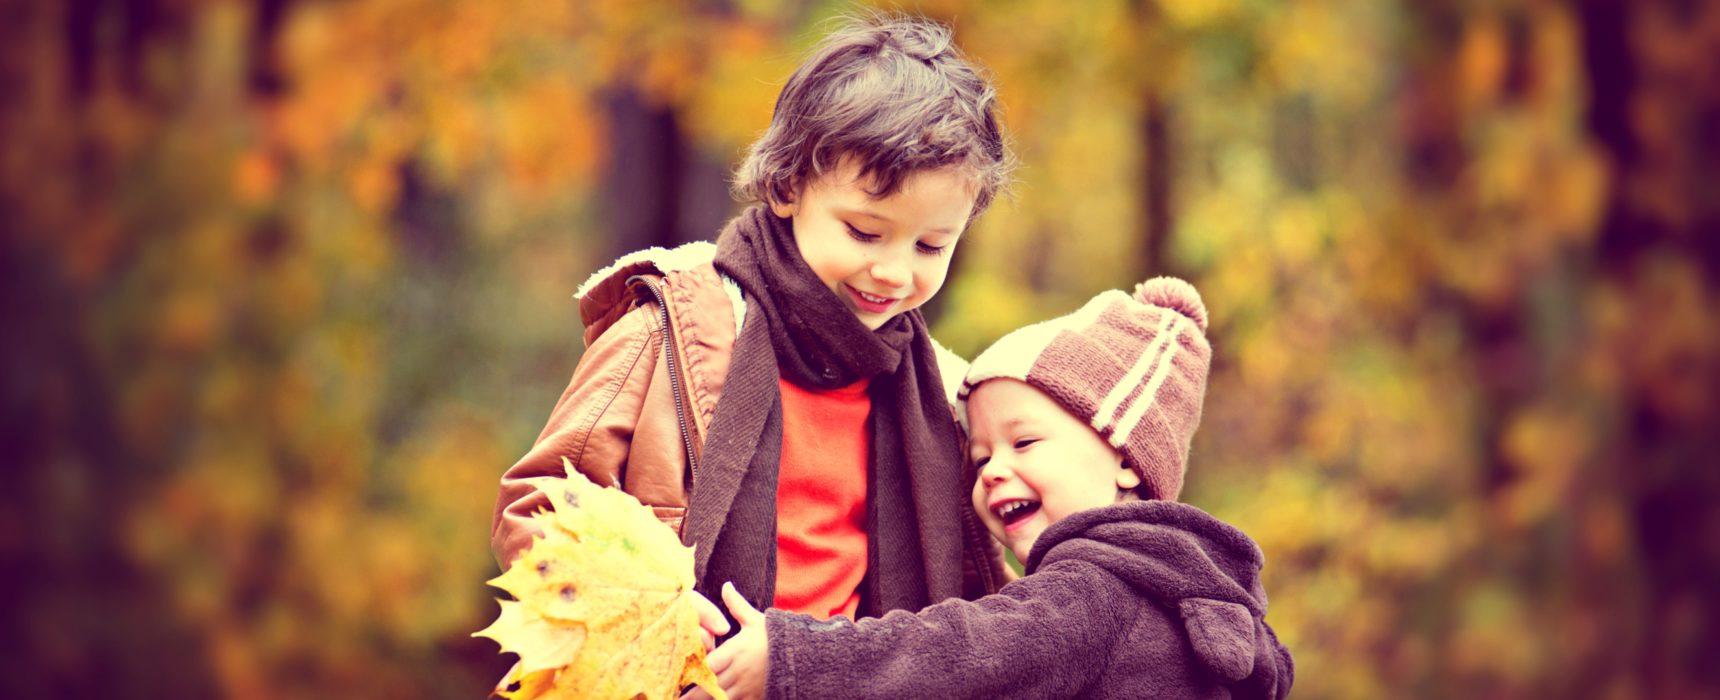 Wenn Einer lächelt, lächeln alle.